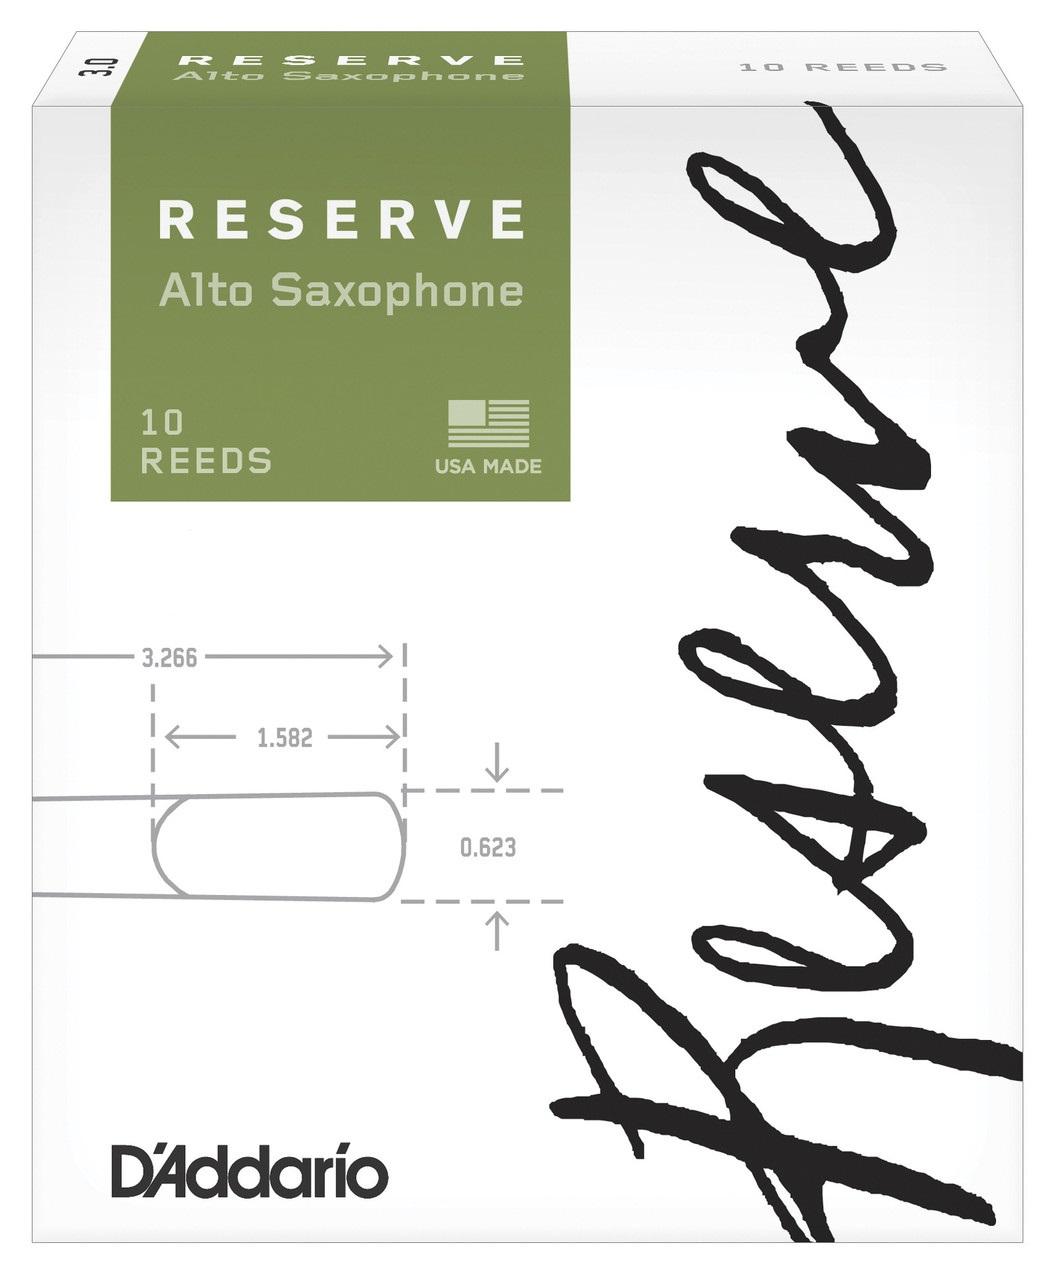 D'Addario Reserve Alto Sax, 10 - 4,5